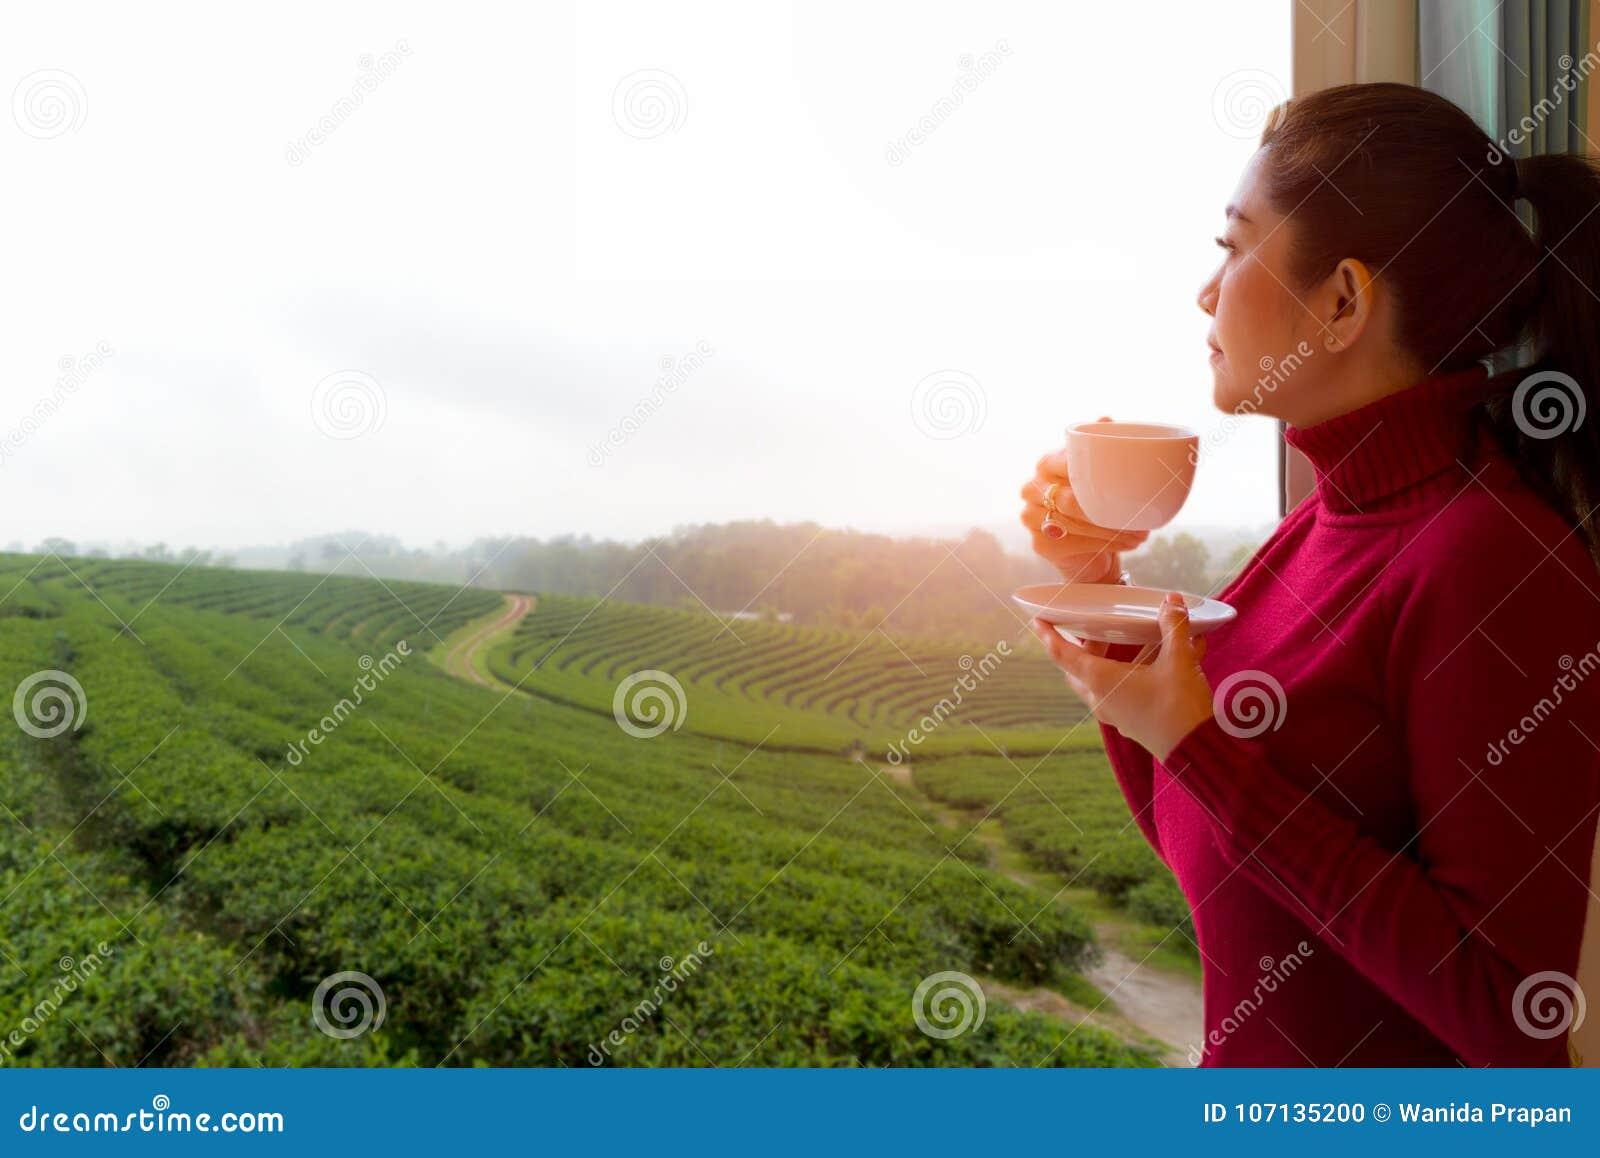 Η ασιατική γυναίκα έβαλε το κόκκινο φρέσκο πρωί πουλόβερ πίνοντας το καυτό τσάι και έξω το παράθυρο για δείτε το αγρόκτημα τσαγιο